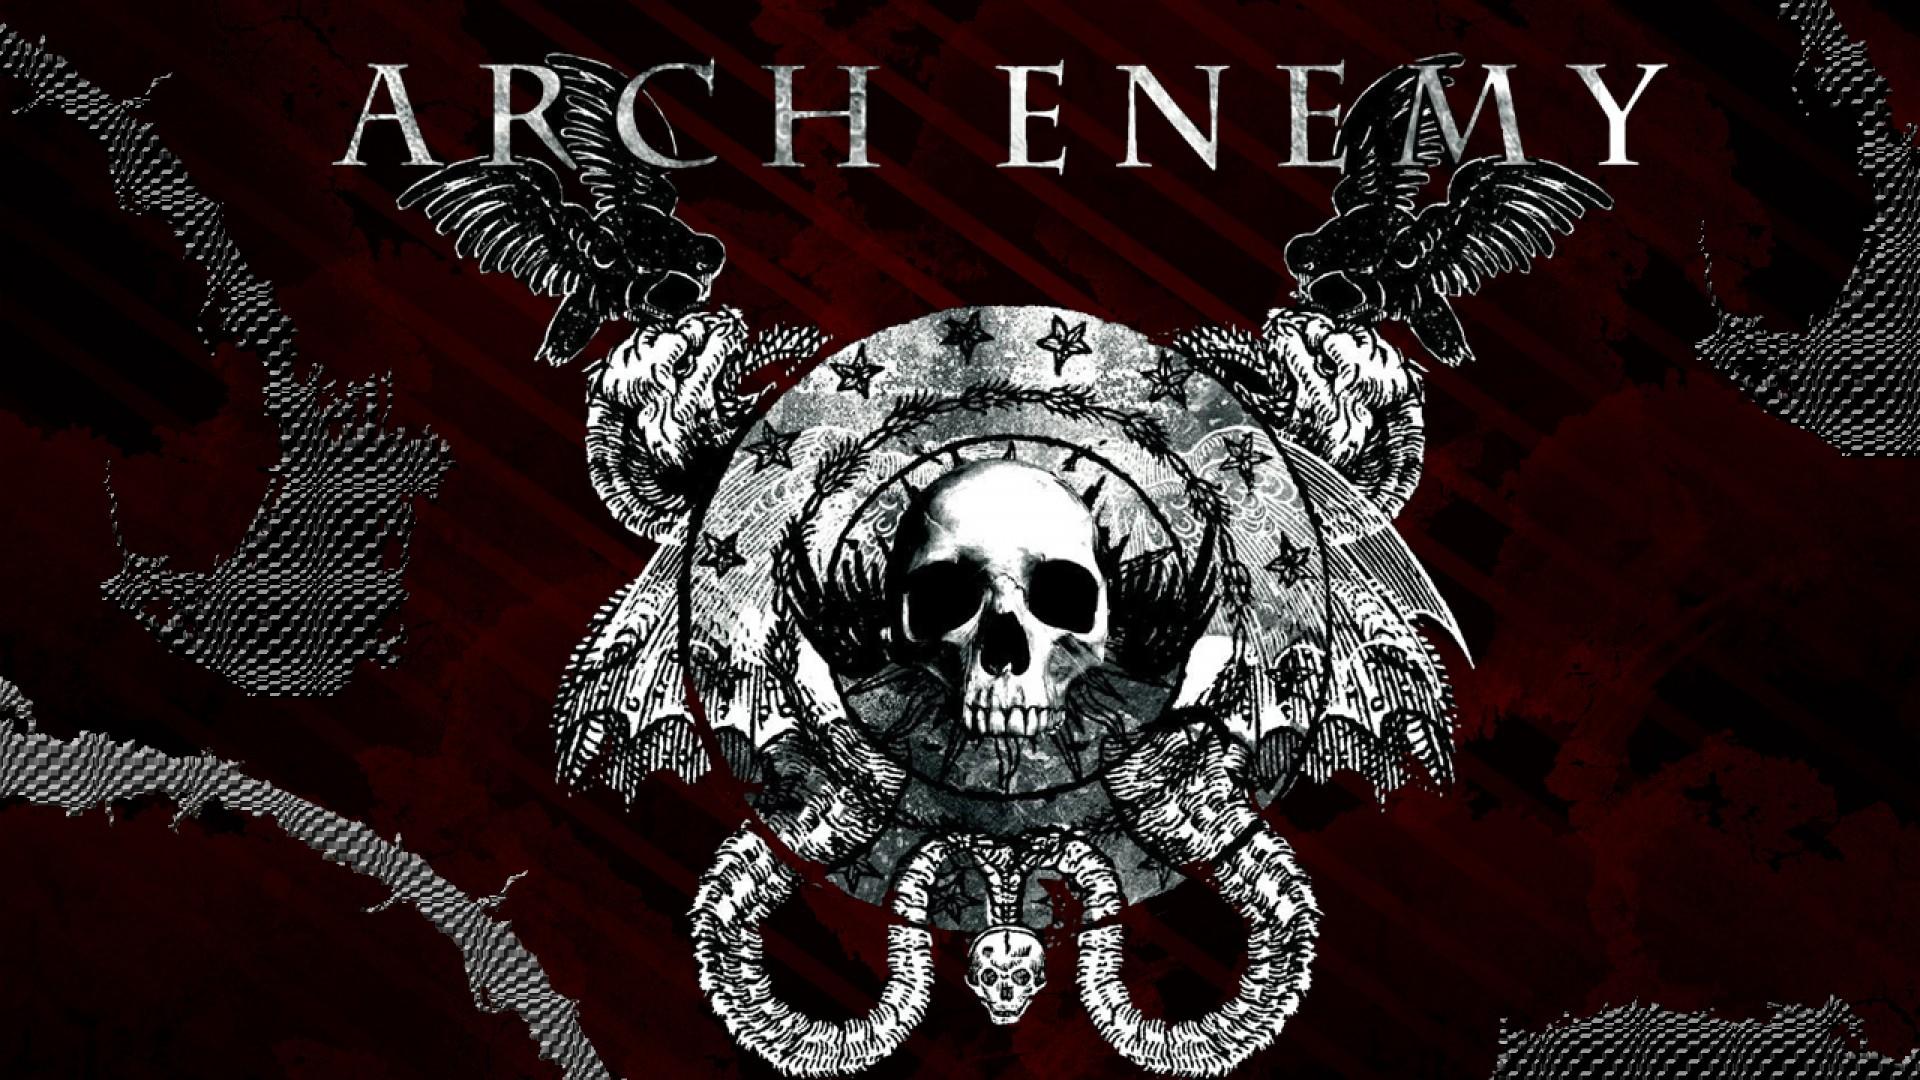 Arch Enemy Fondo De Pantalla Hd Fondo De Escritorio